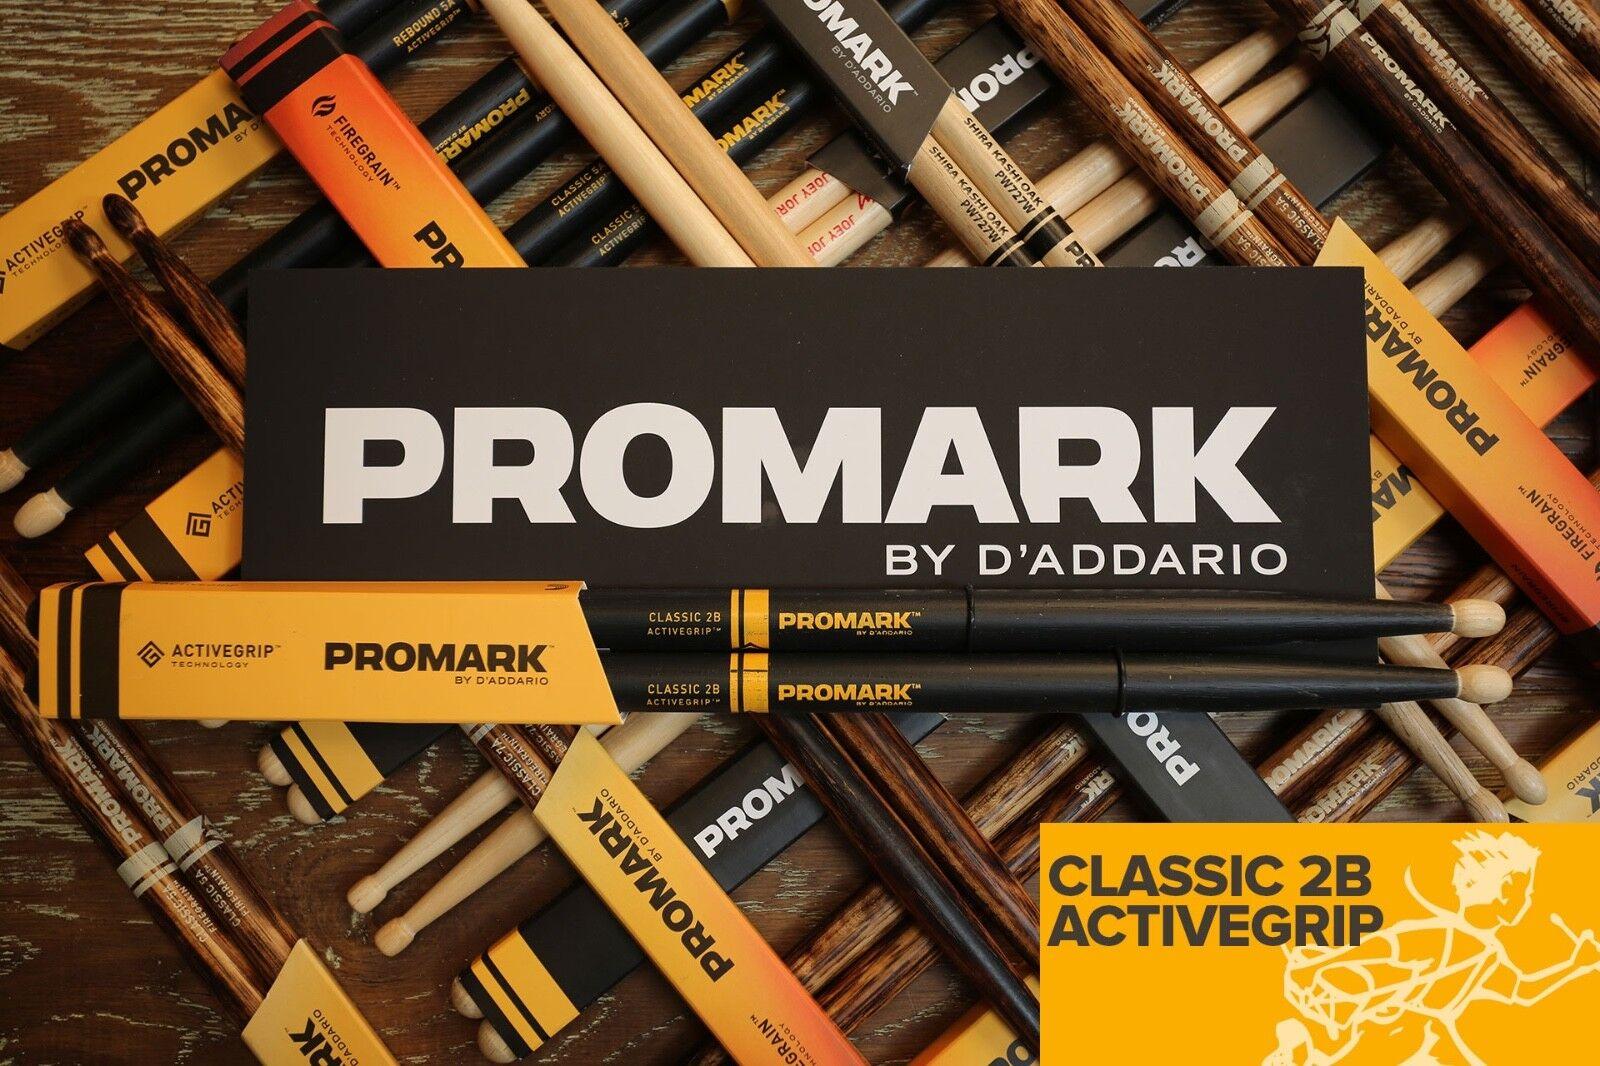 Promark Classic 2B Activegrip Drum Sticks Brick of 6